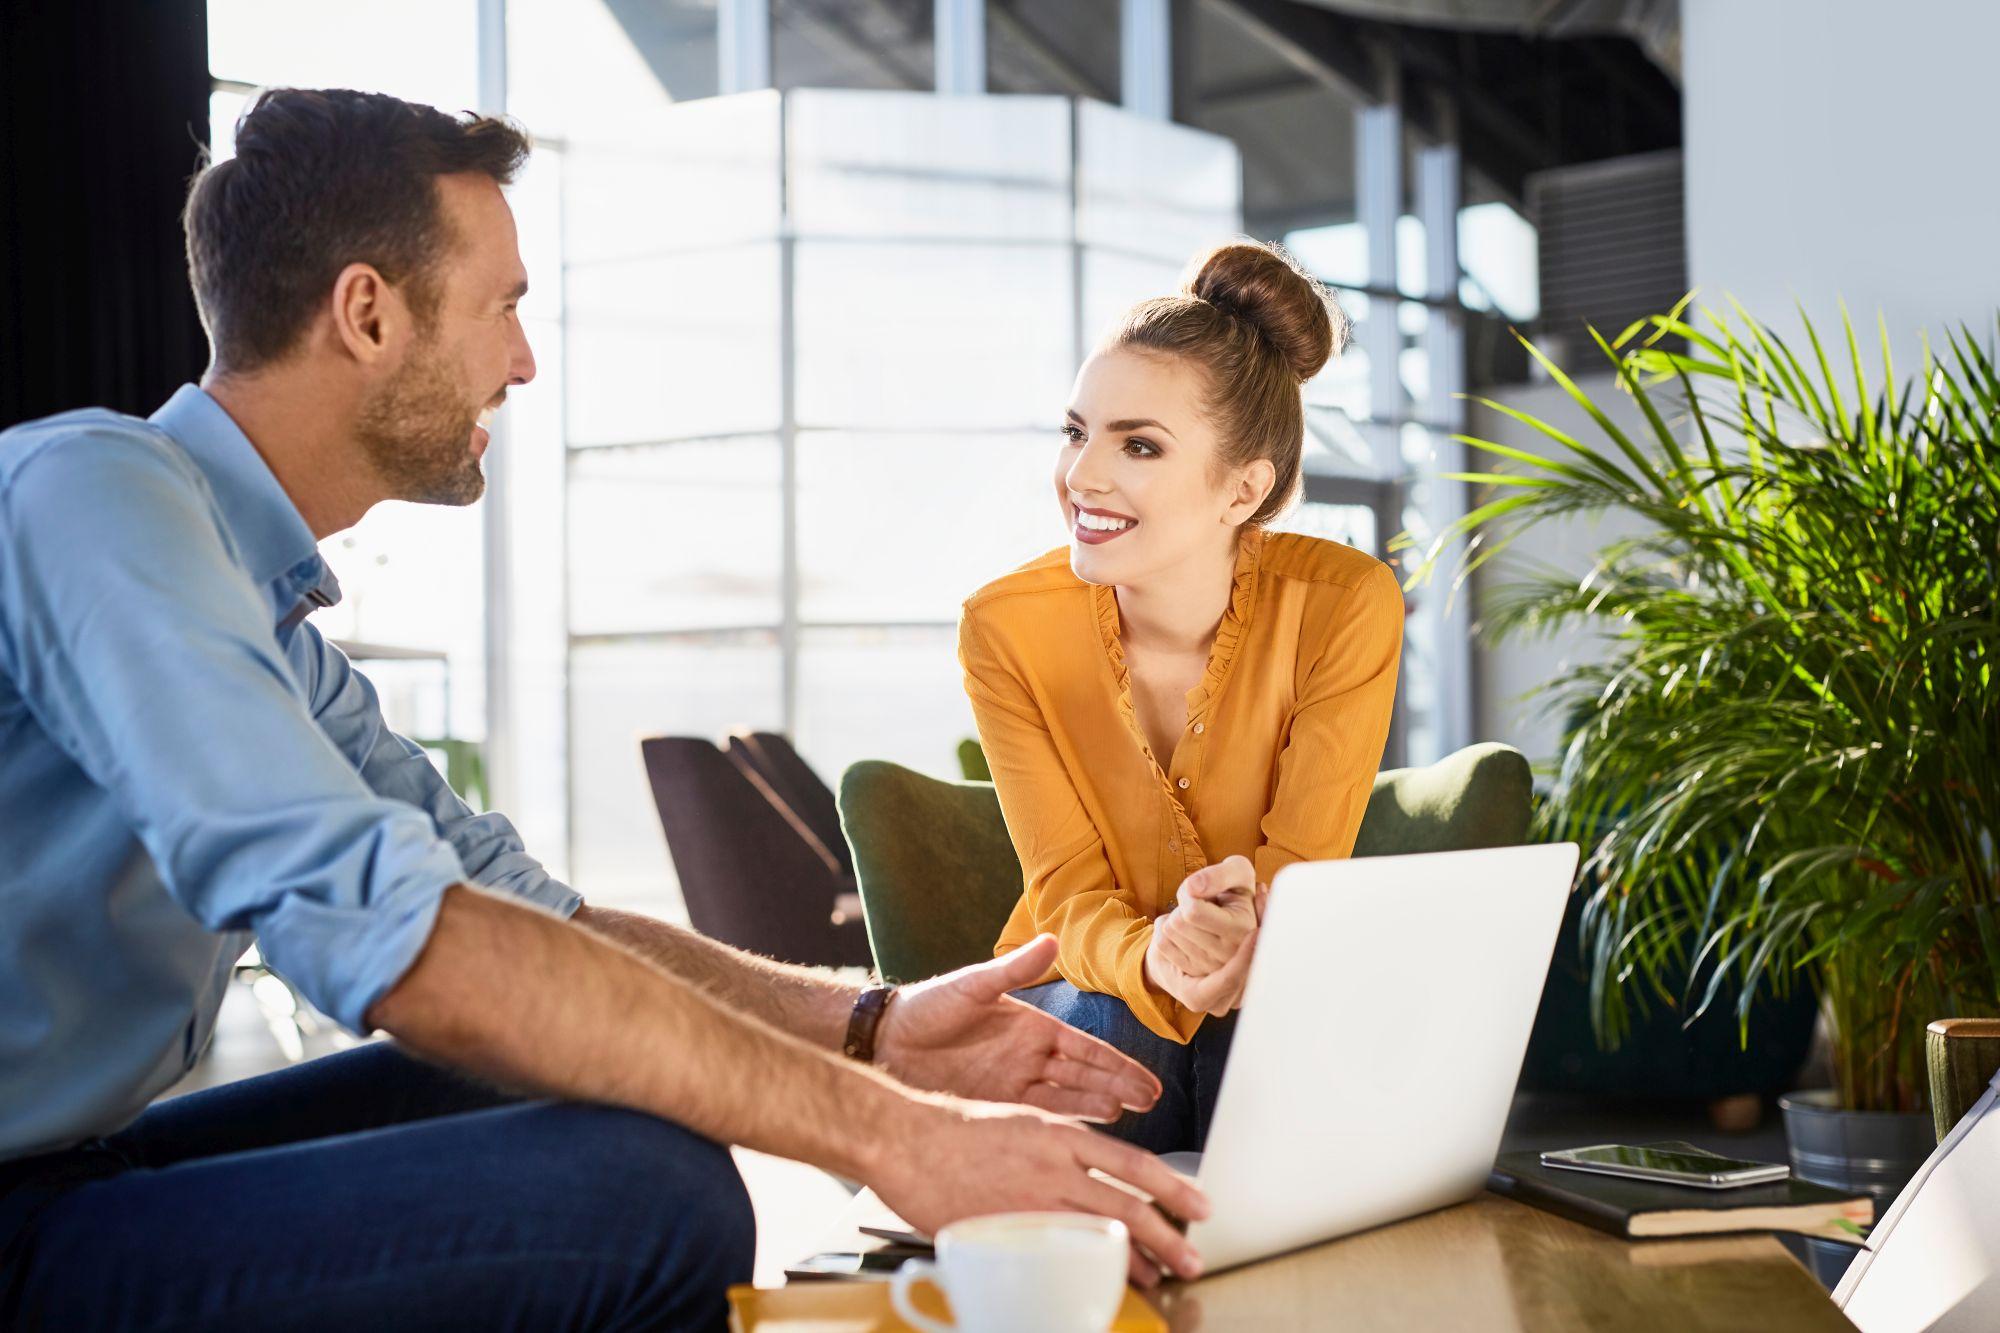 Liebe am Arbeitsplatz: Das solltest du beachten